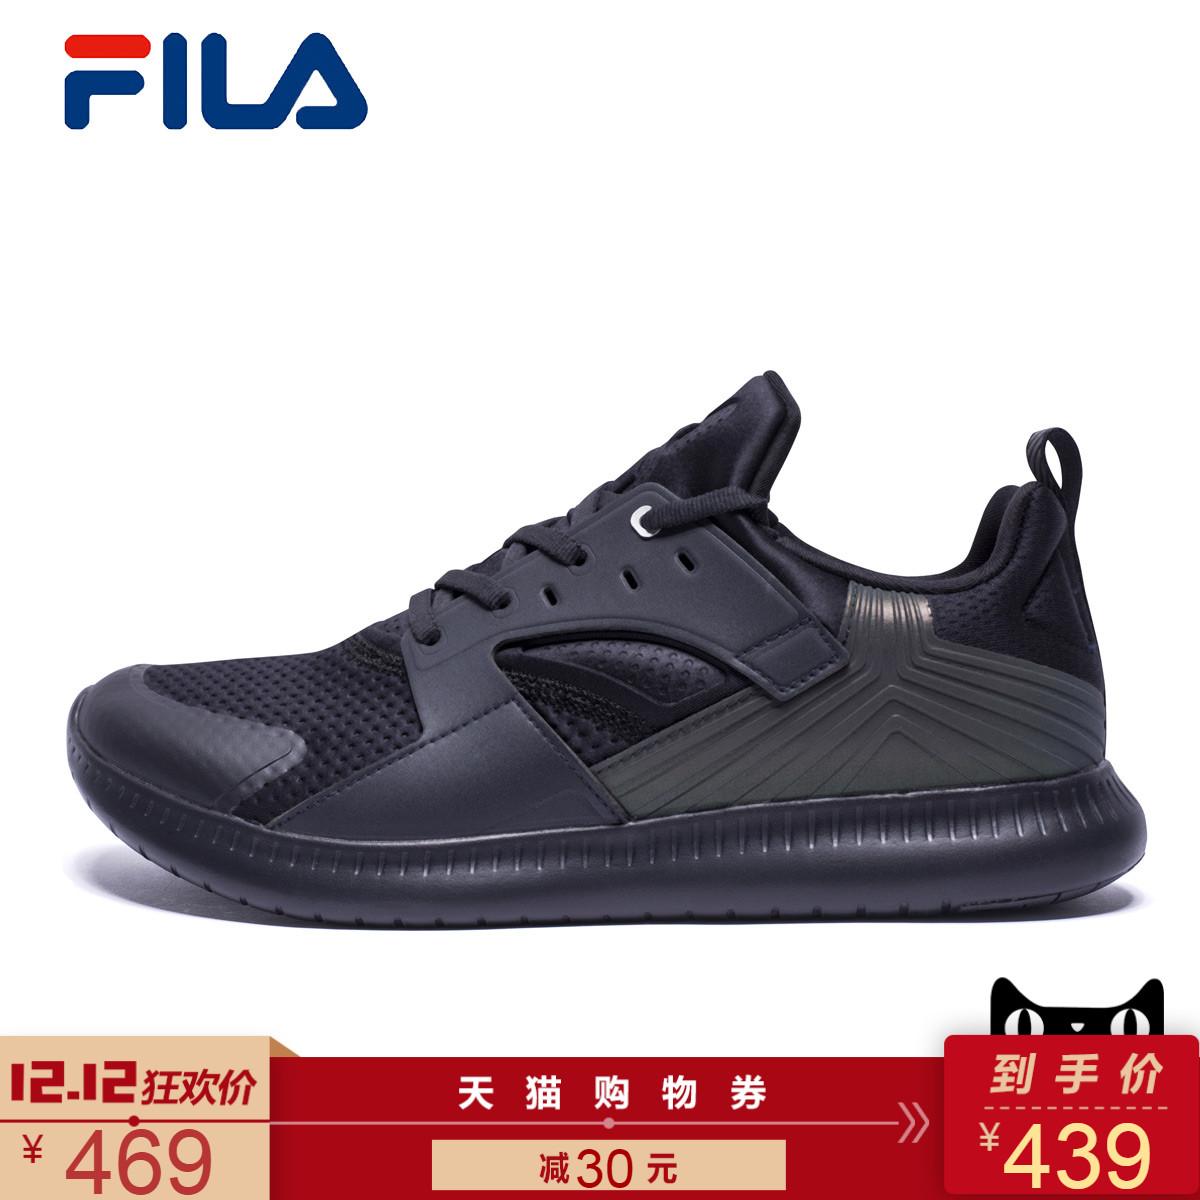 FILA斐乐男鞋2017冬季新款训练鞋运动鞋轻盈舒适透气防滑跑步鞋男